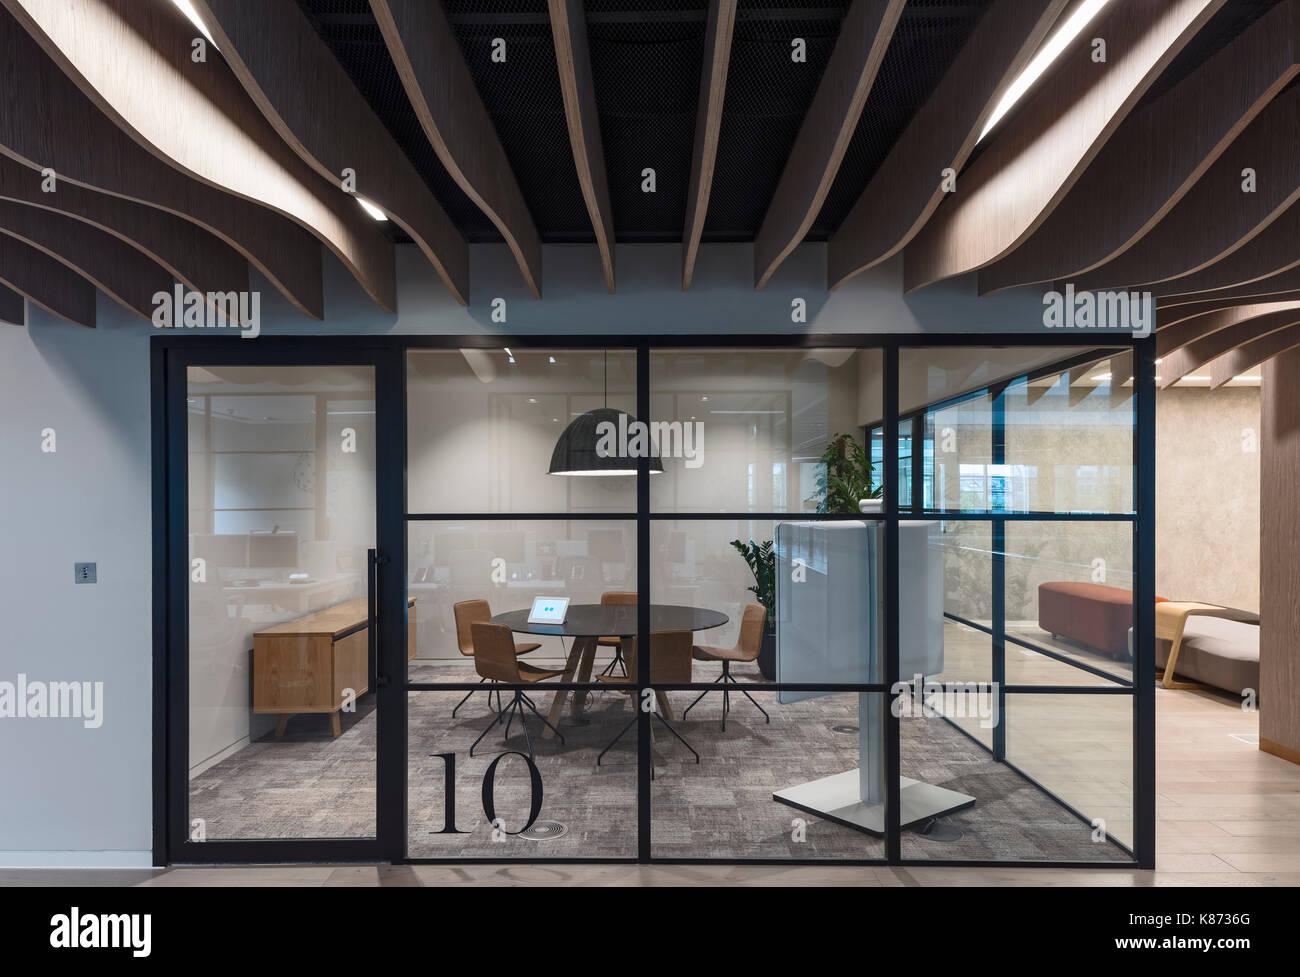 Piccola sala riunioni yoox net a porter uffici londra for Ufficio architetto design